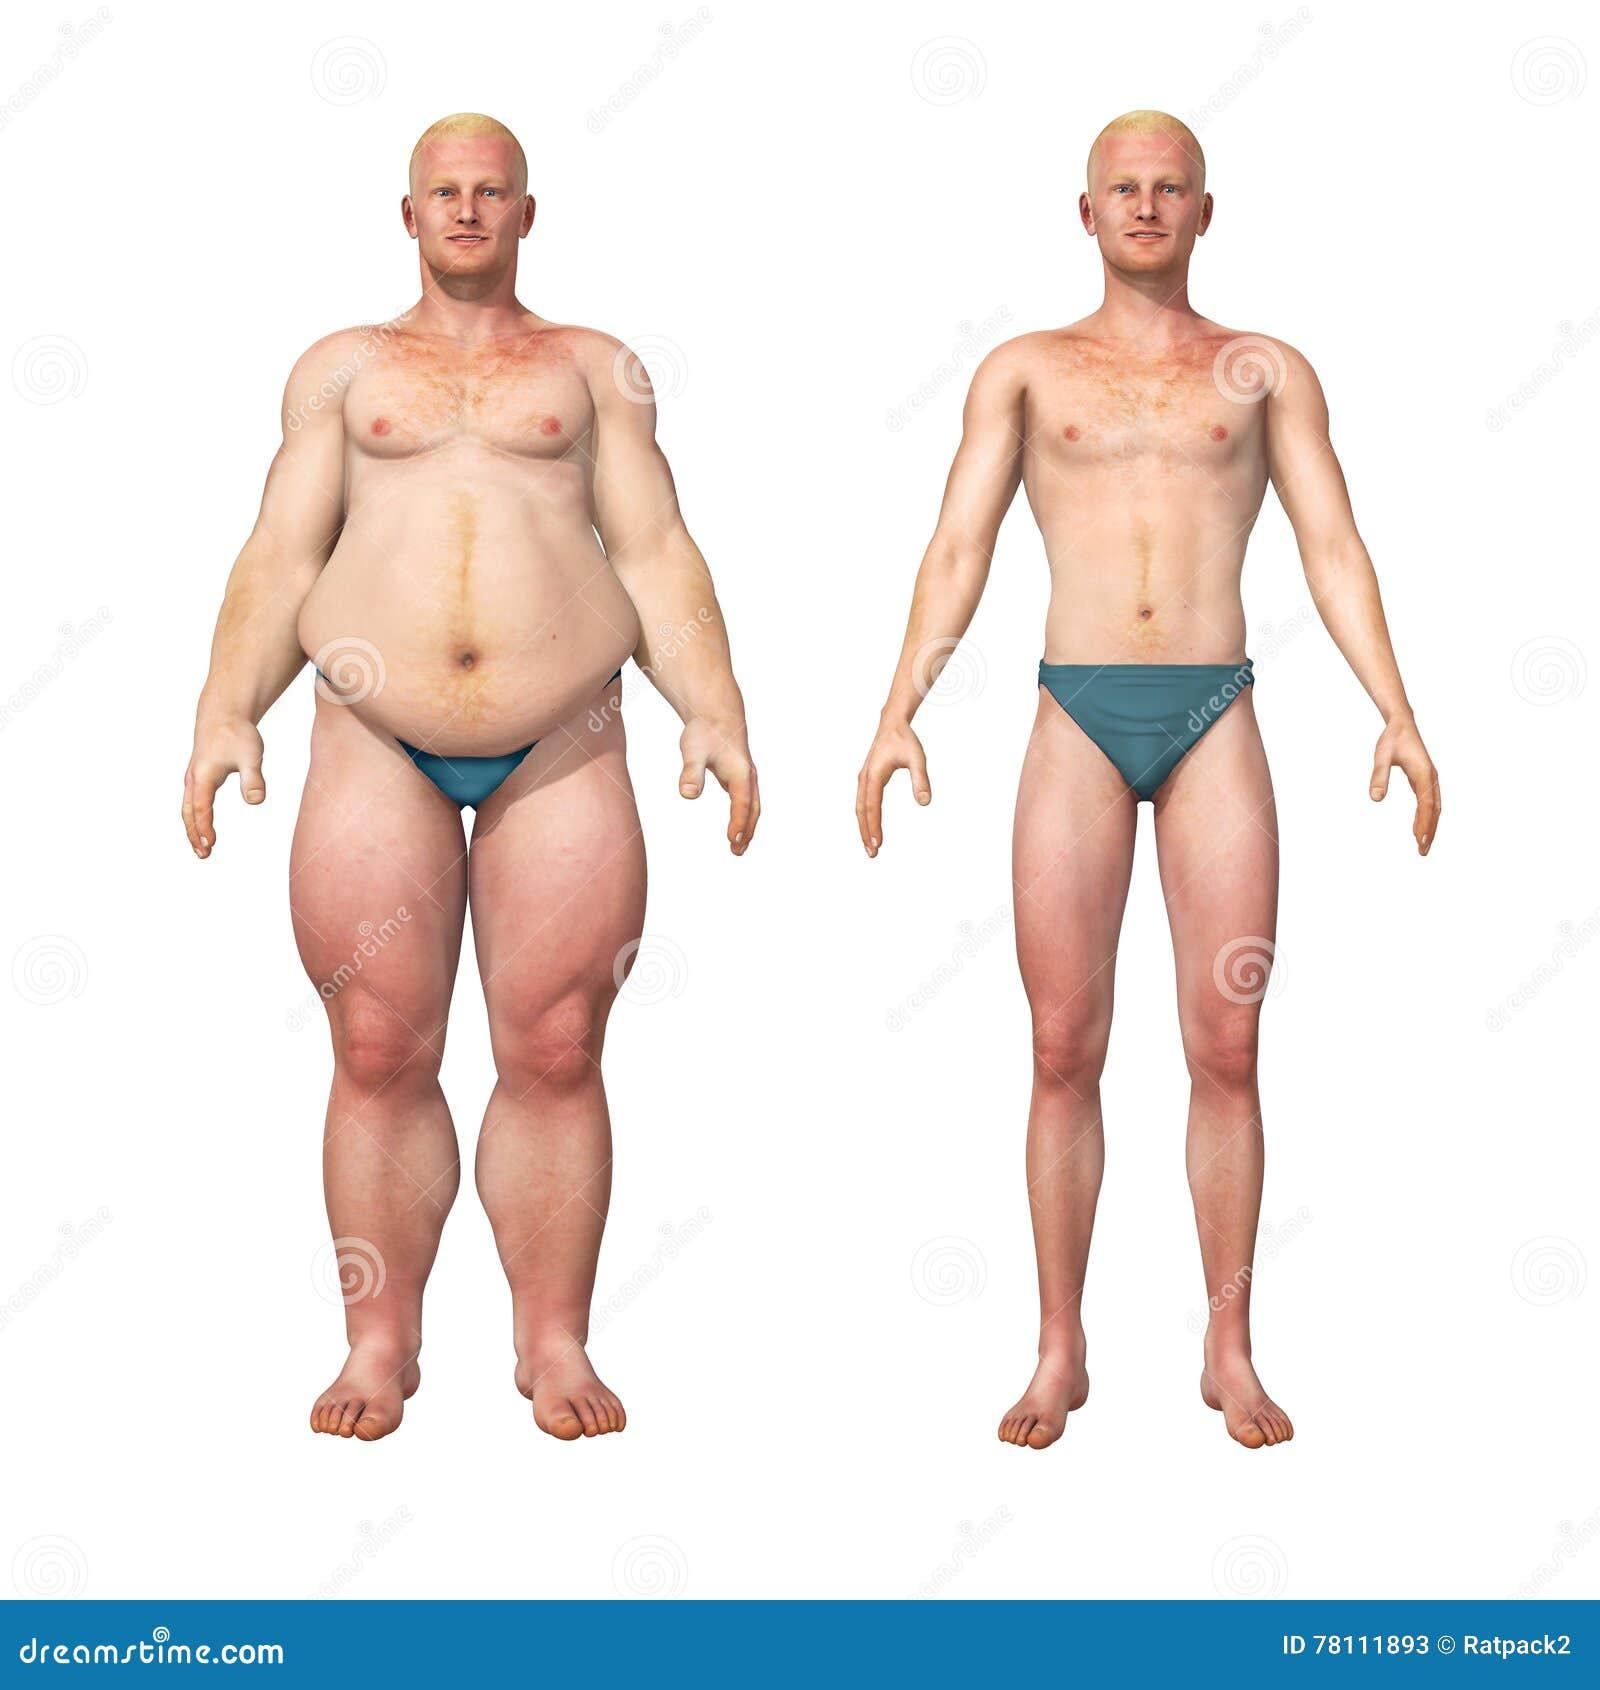 5 suppléments naturels qui favorisent la perte de poids | La Vitrine | Le Soleil - Québec